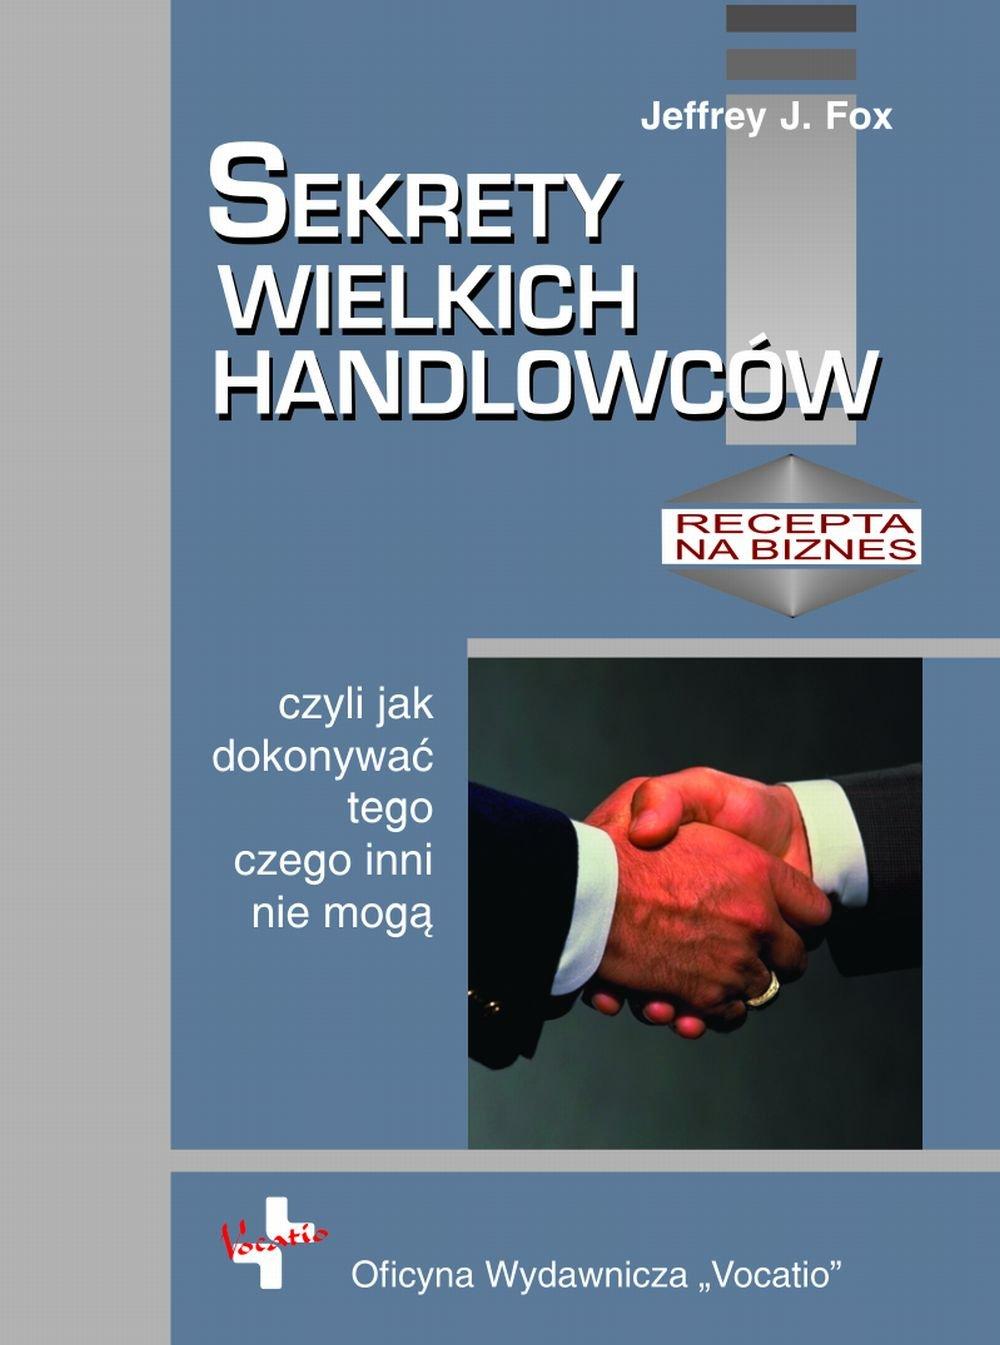 Sekrety wielkich handlowców - Ebook (Książka PDF) do pobrania w formacie PDF